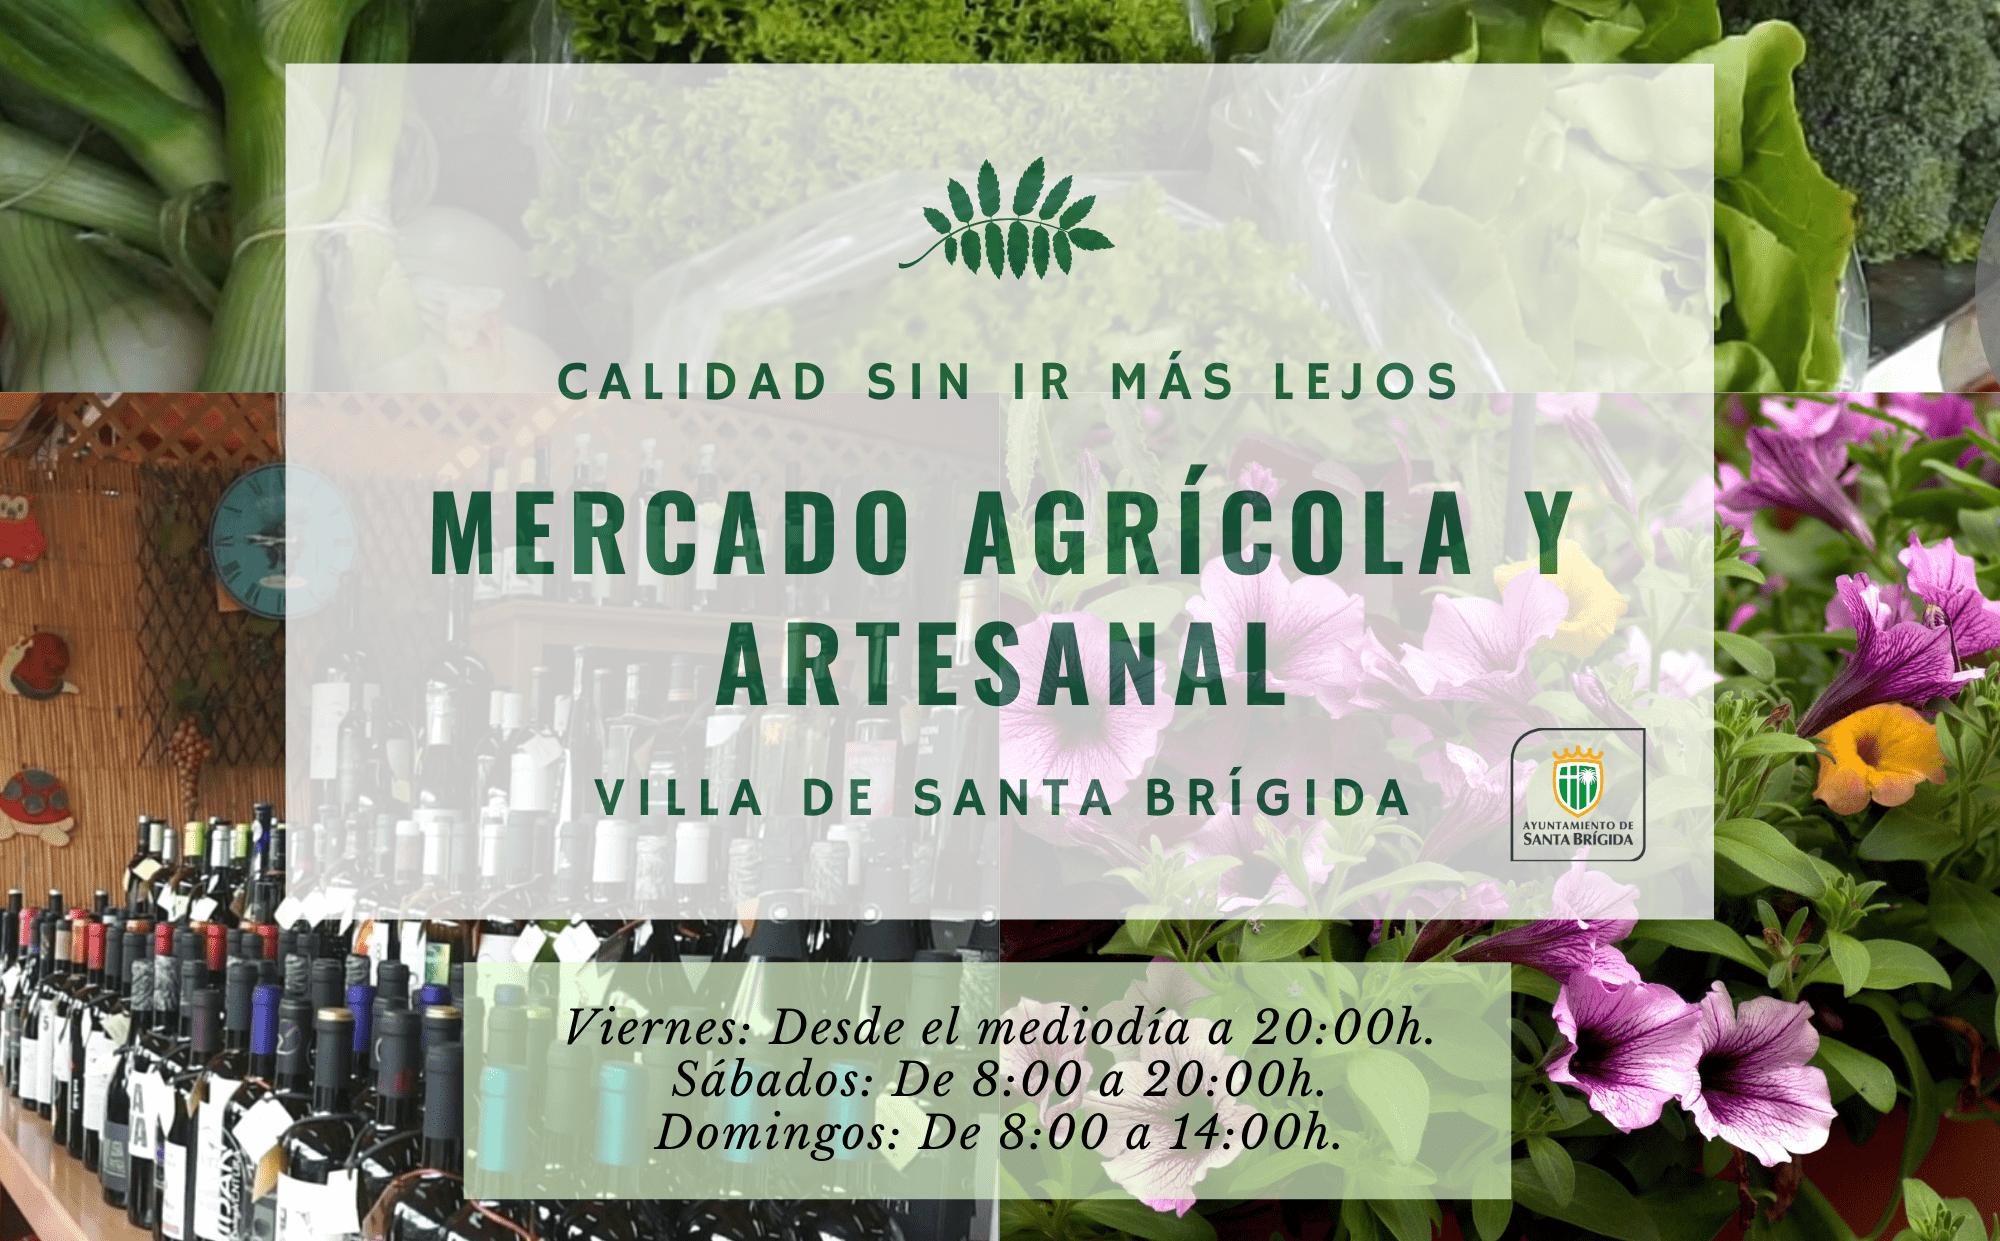 Mercado de Santa Brígida